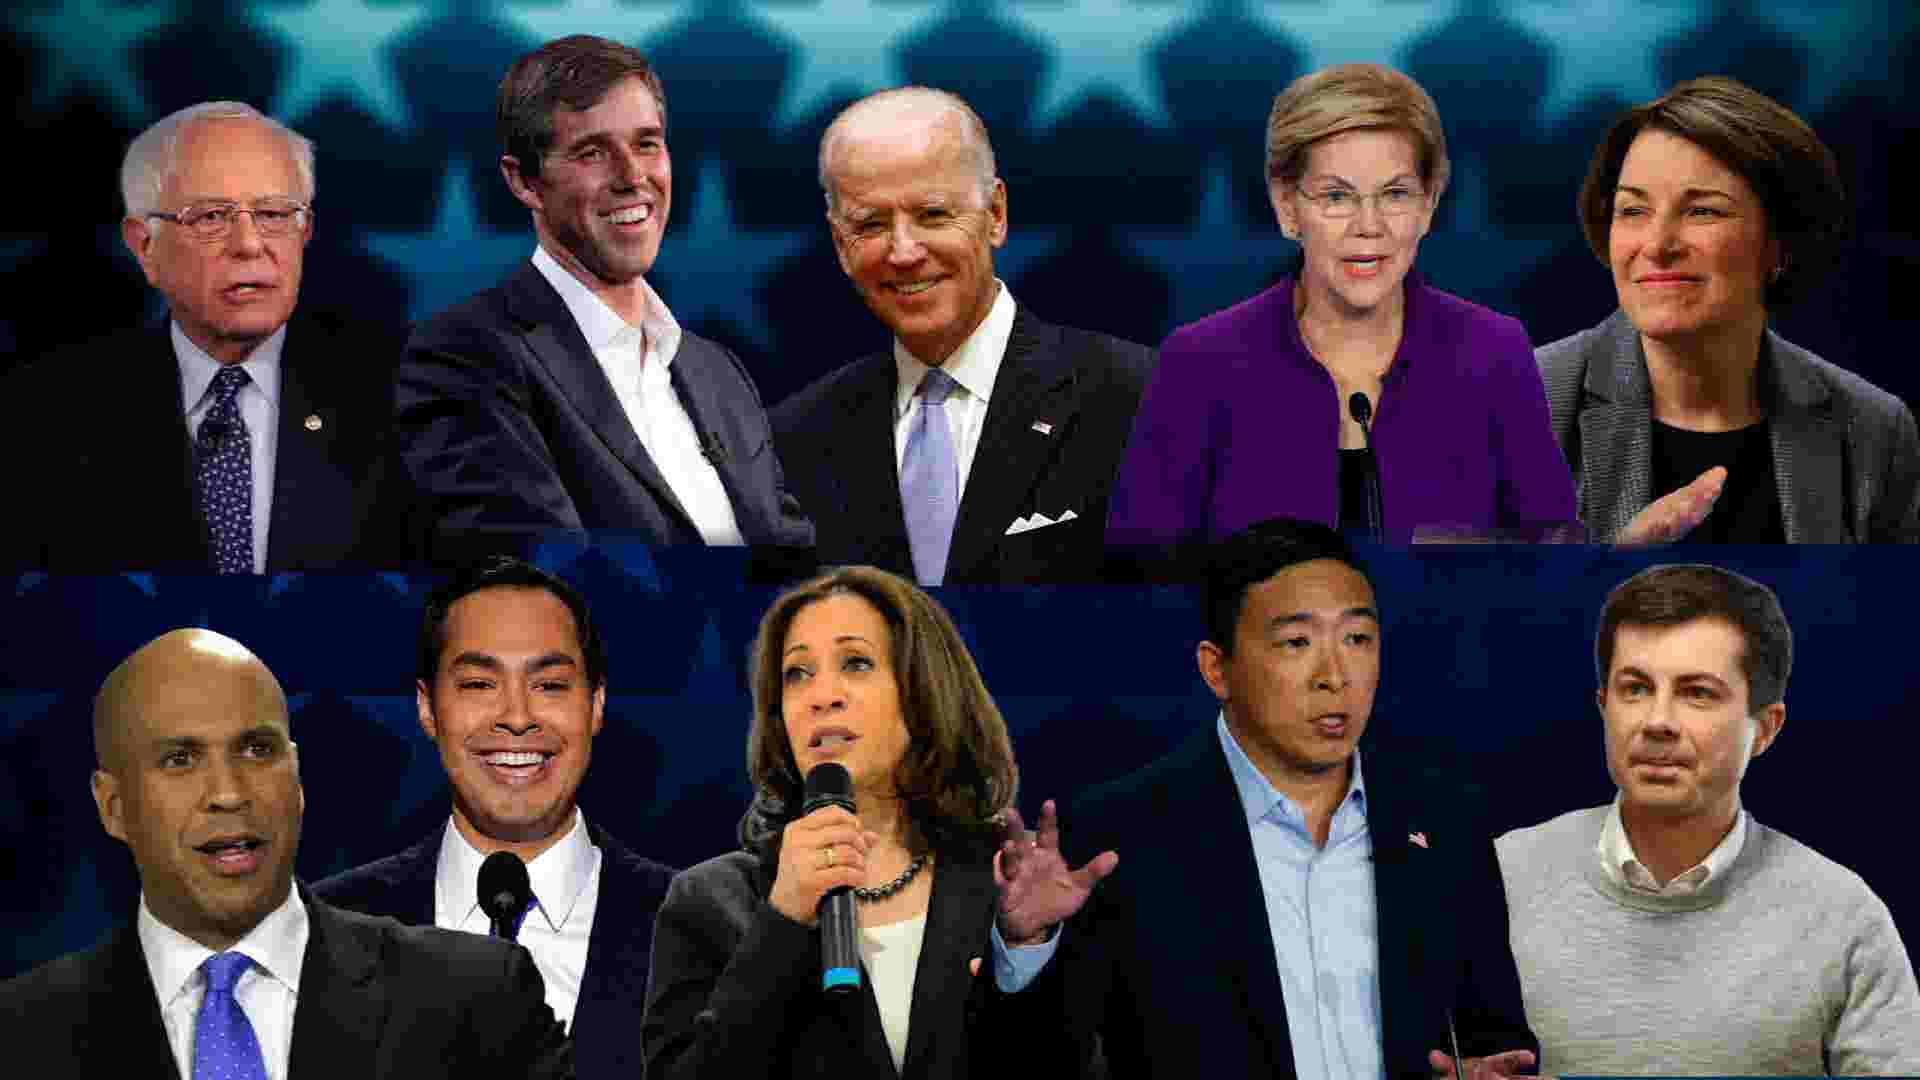 民主党第三场辩论实况——杨安泽和其他9位候选人同台交锋